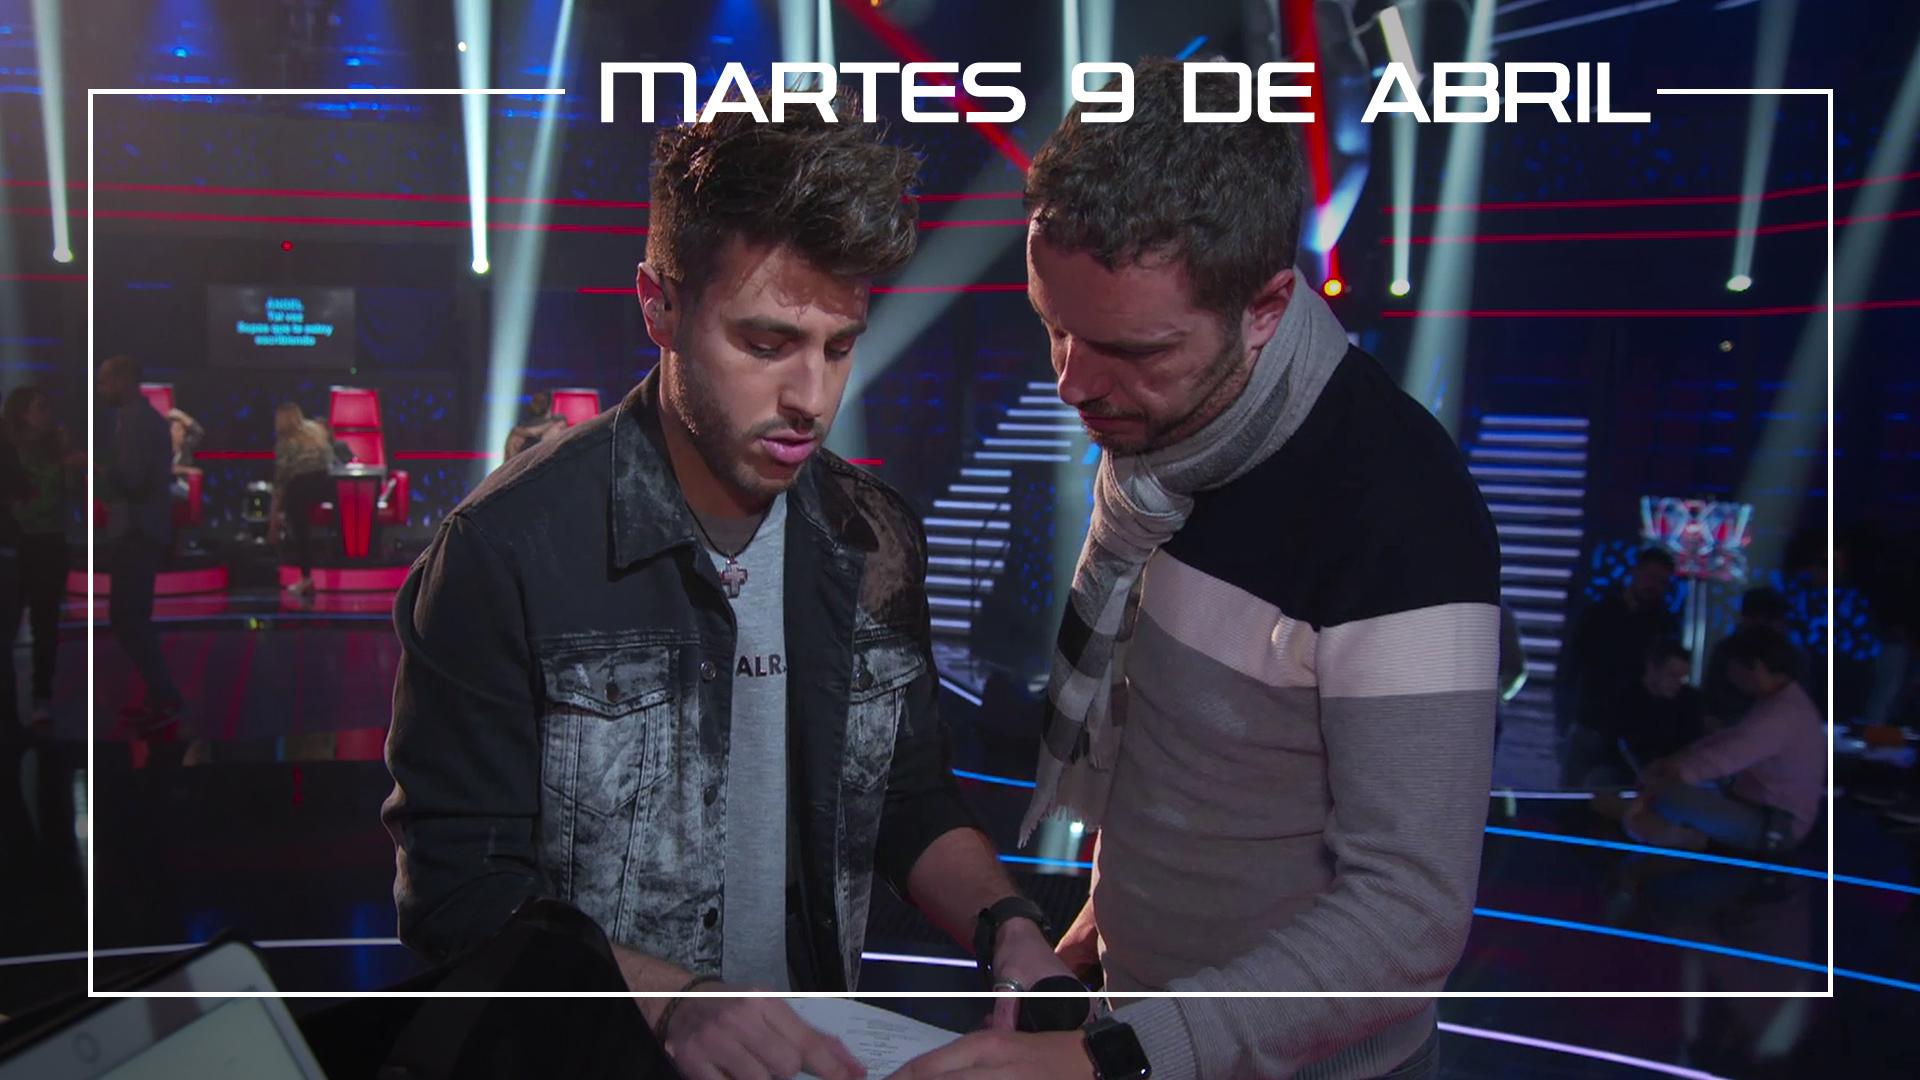 Martes 9 de abril Ángel Cortés y Antonio José ensayan en plató el tema 'A dónde vas'